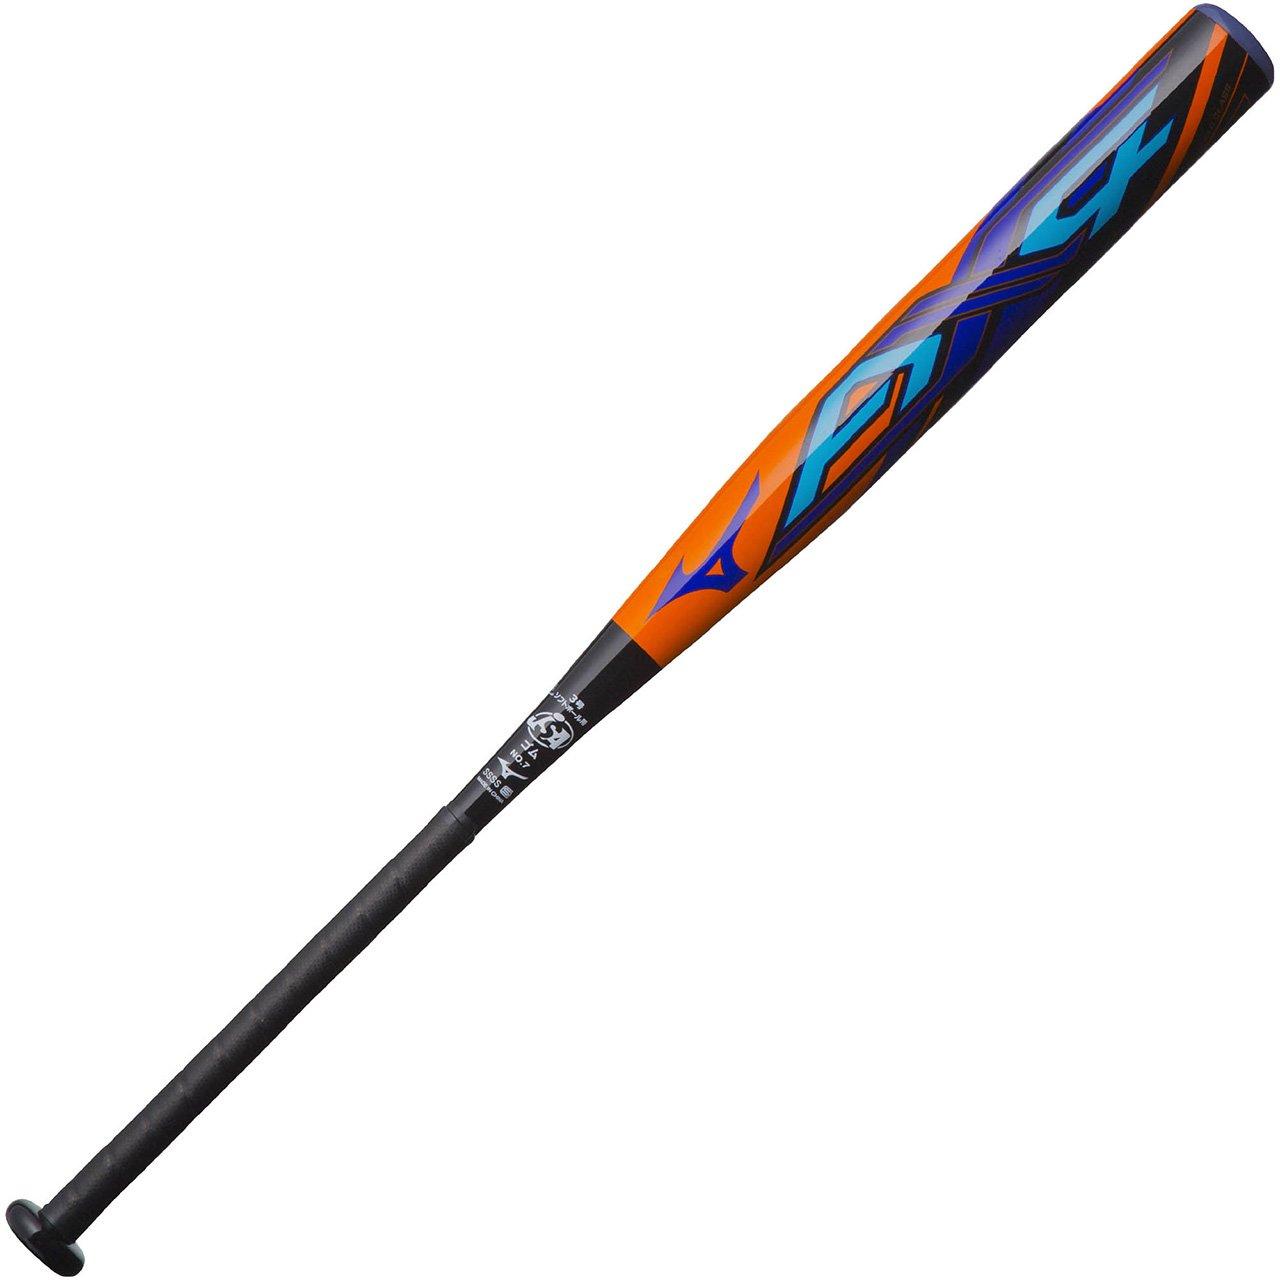 ミズノ(MIZUNO) ミズノプロ AX4 ソフト3号ゴムボール用 FRP製 1CJFS307 B076FQ3WQK5409:オレンジ×ブラック 84cm